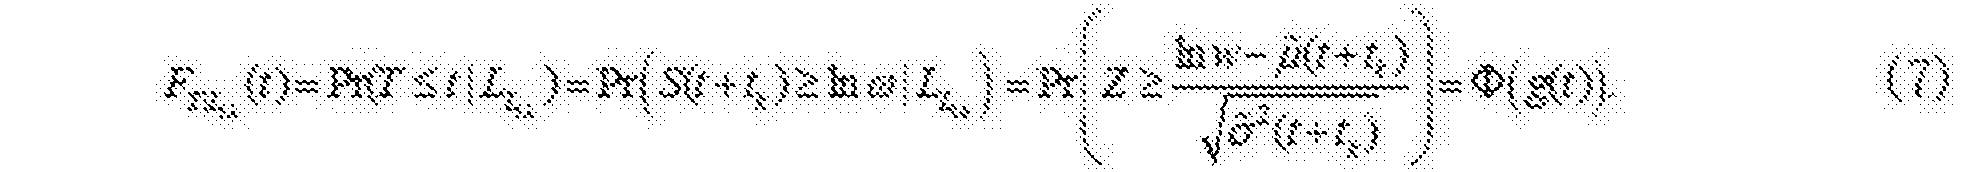 Figure CN104573881BC00043